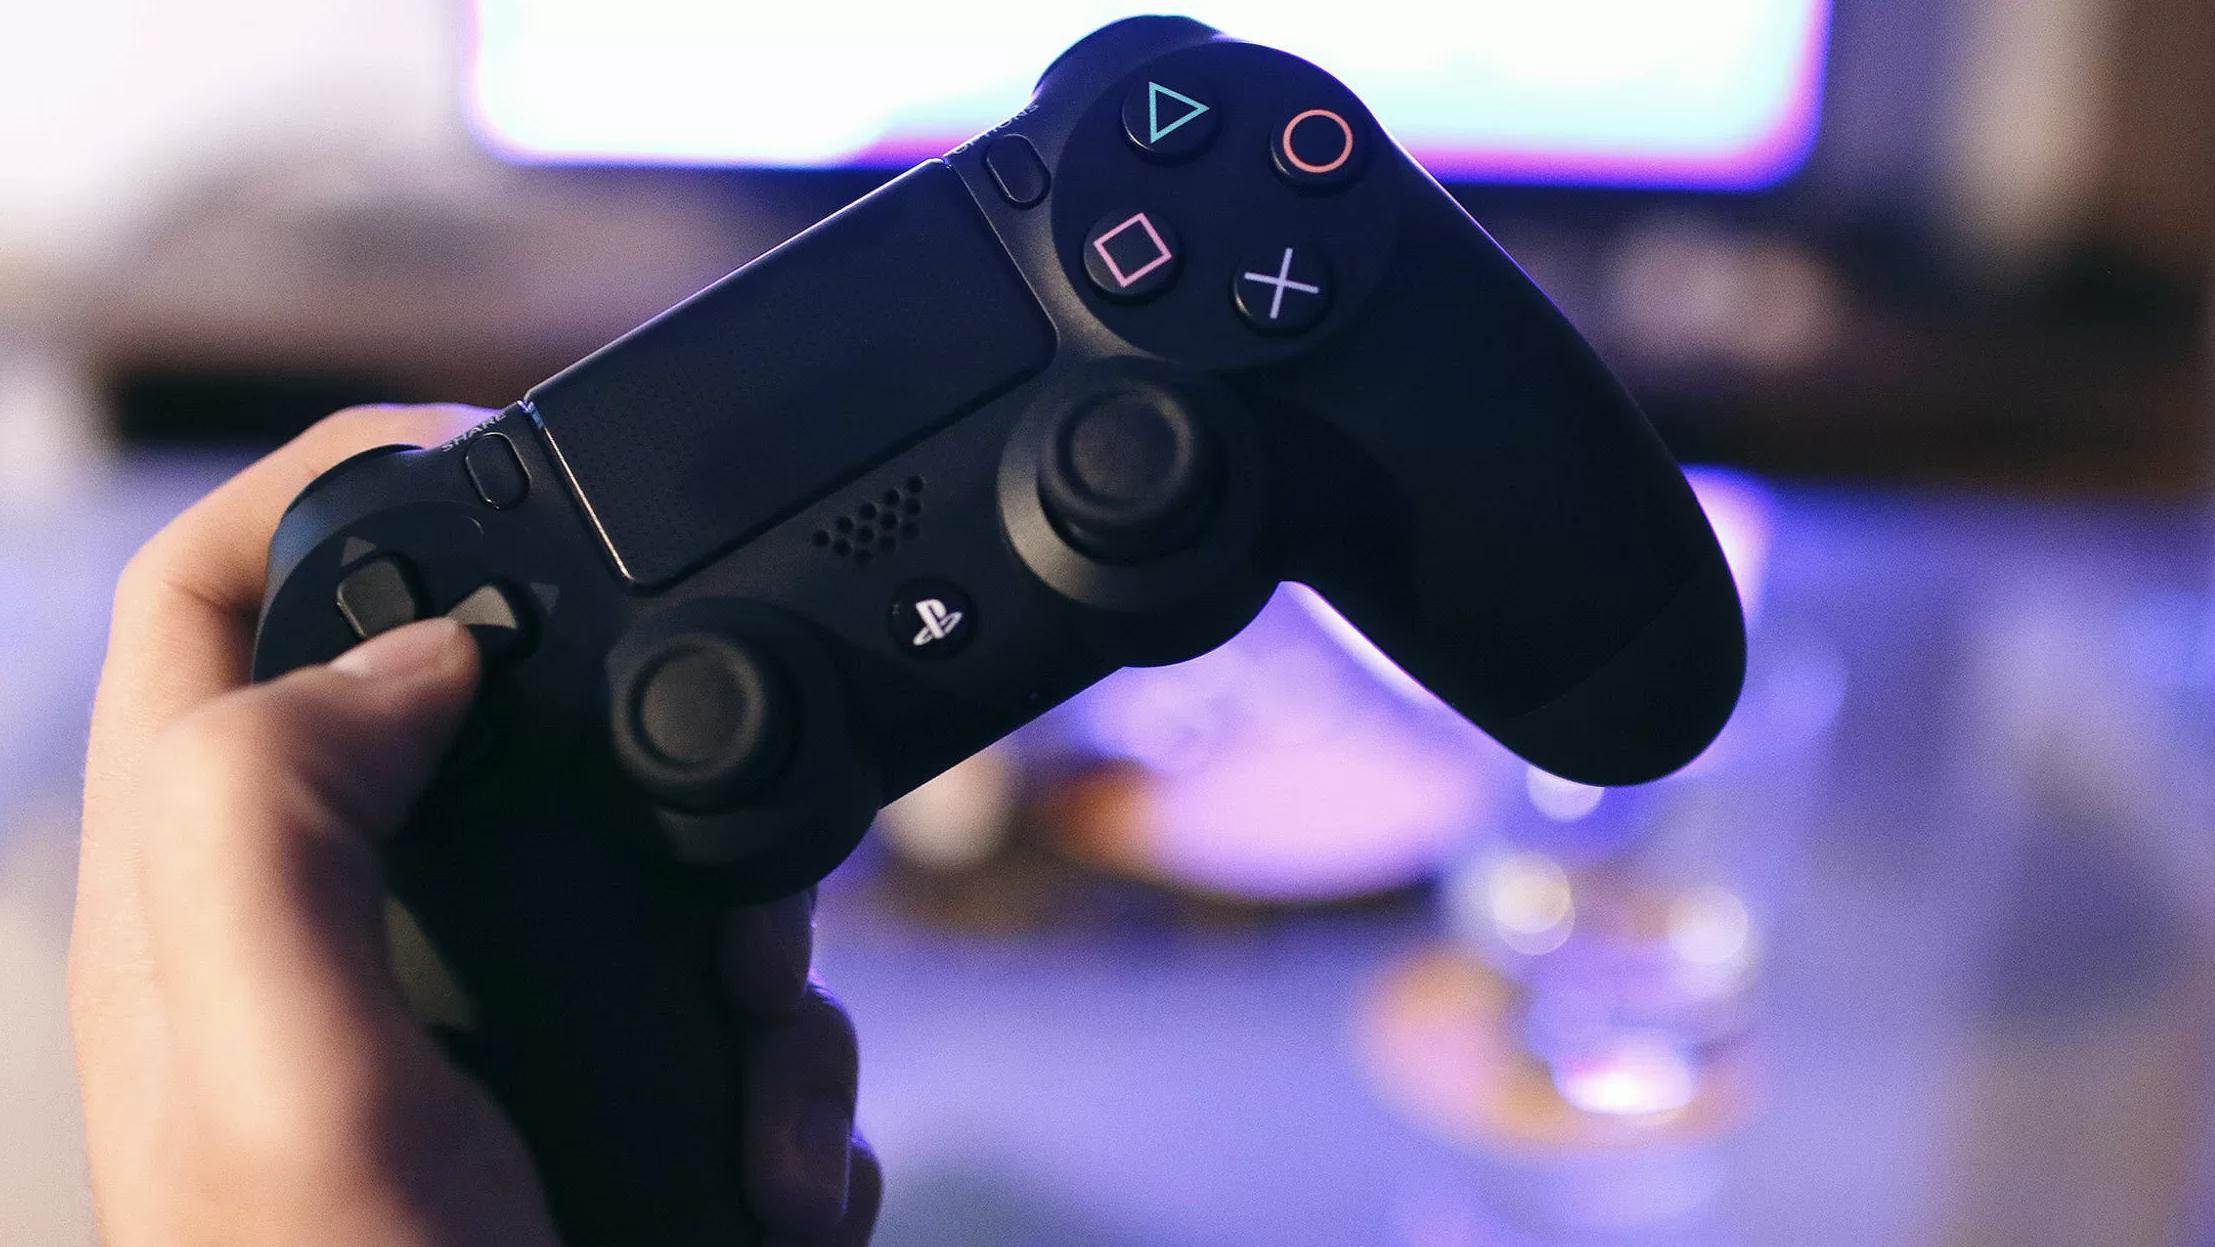 Средний и стойкий интерес к жестоким видеоиграм связали с уровнем агрессии